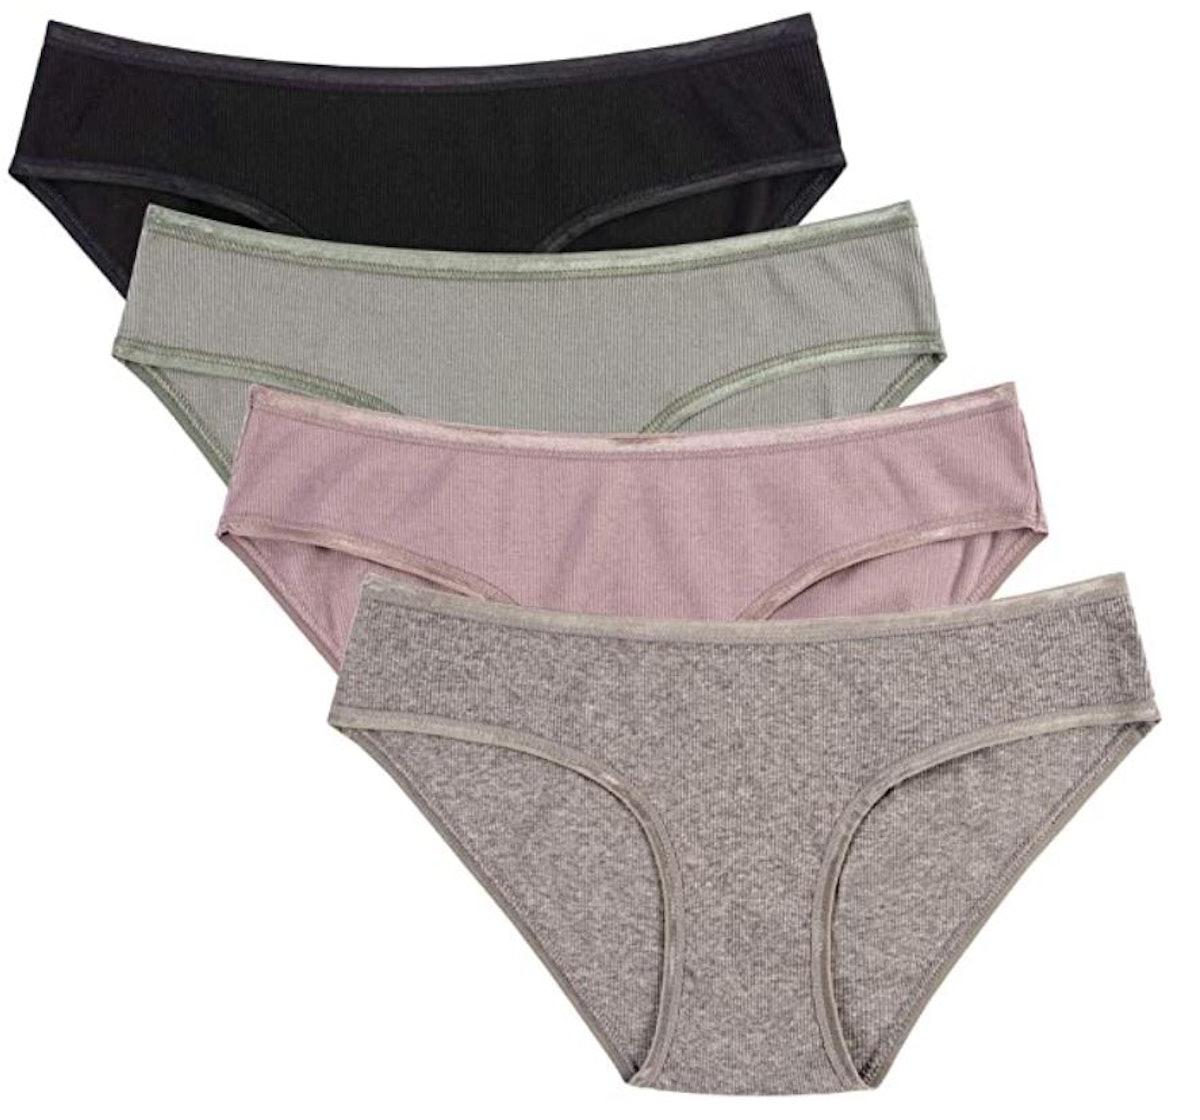 Knitlord Cotton Stretch Bikini Panties (Set of 4)